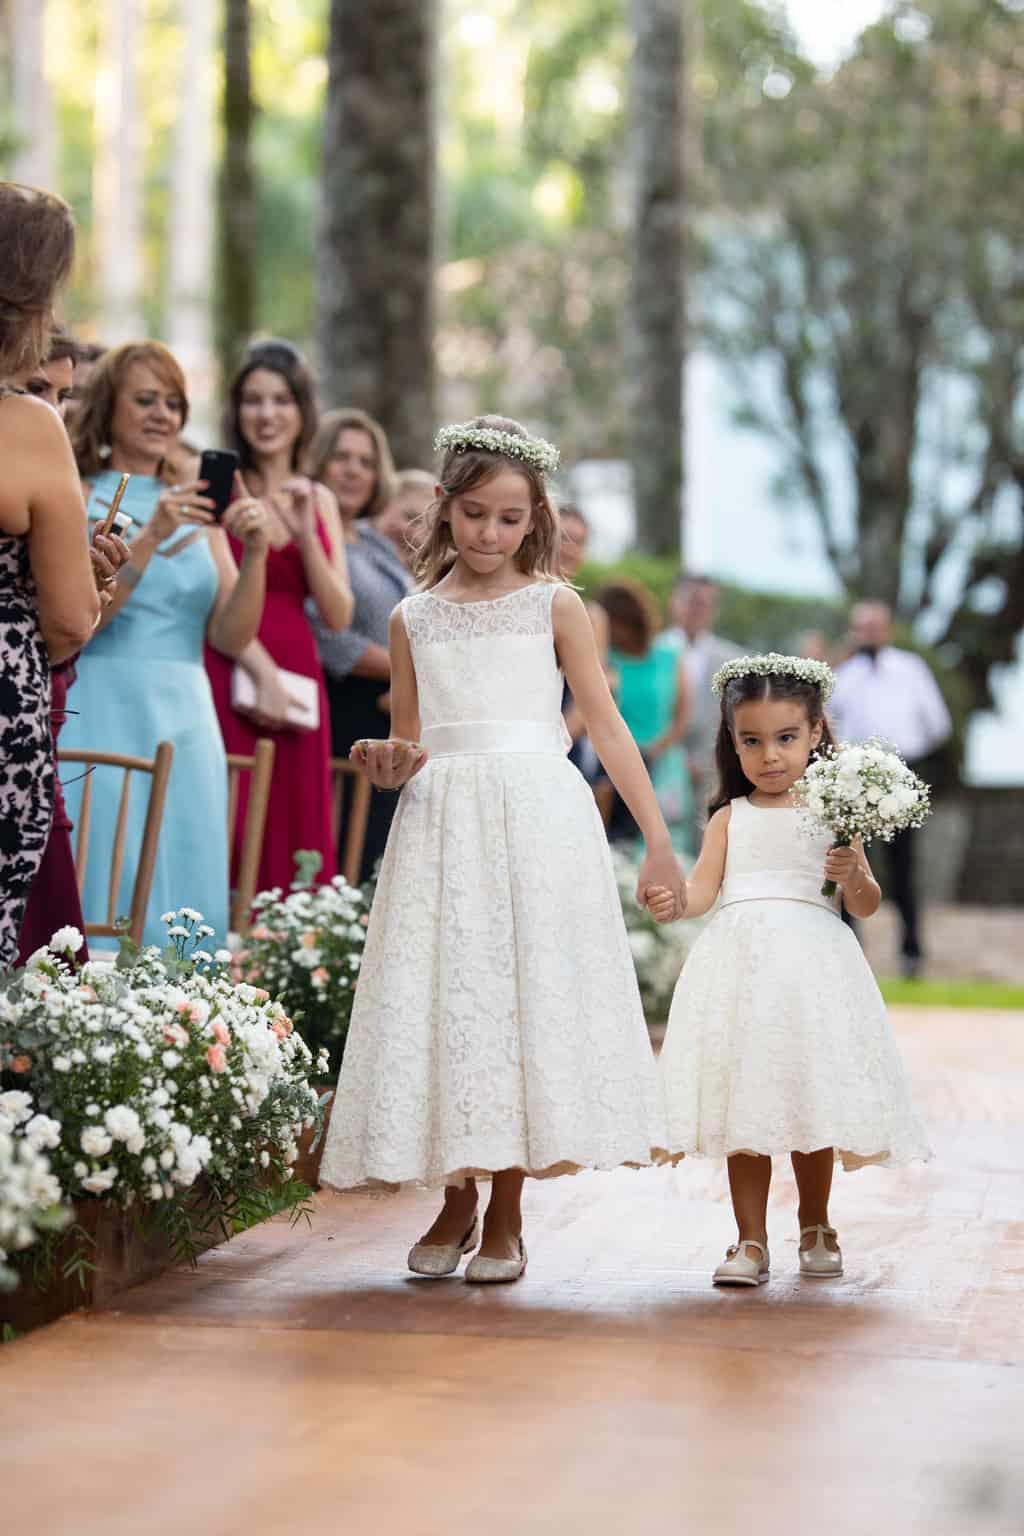 casamento-na-Fazenda-Vila-Rica-cerimonia-ao-ar-livre-cerimonial-Ana-Paula-Tabet-Fotografia-Euka-Weddings-Renata-e-Gabriel80